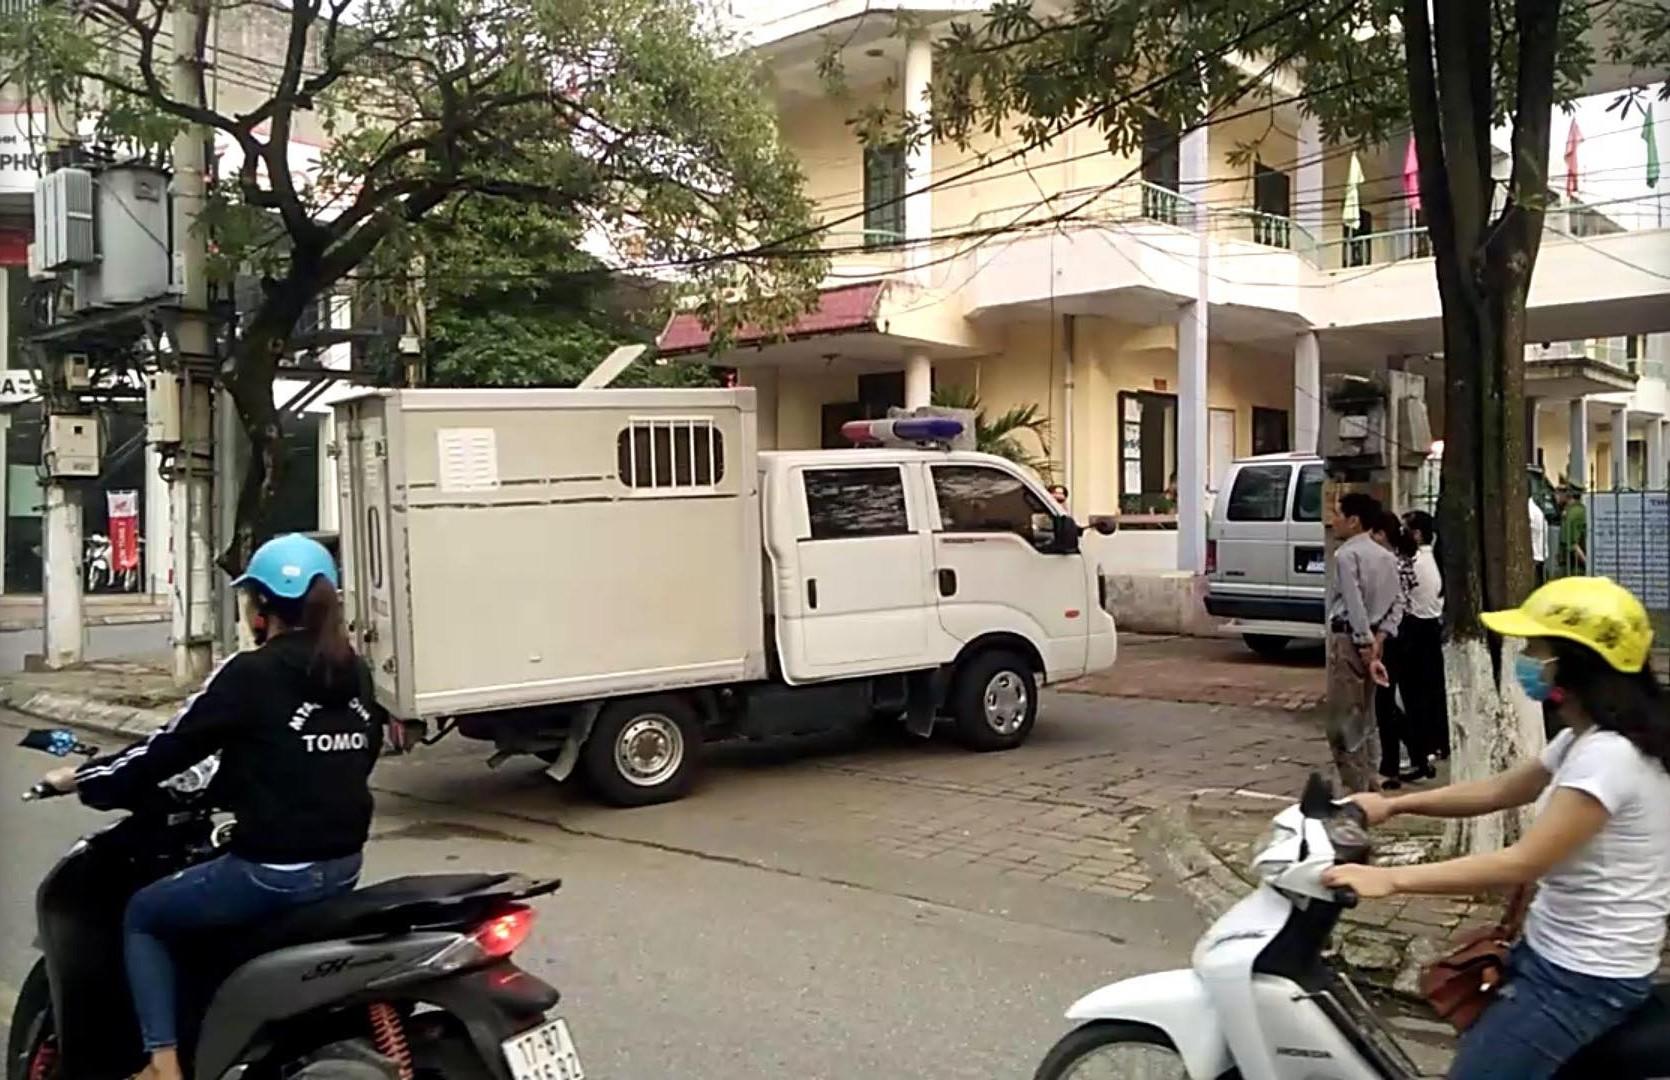 Đang xét xử cựu Thượng tá công an dâm ô nữ sinh 14 tuổi gây rúng động ở Thái Bình - Ảnh 3.